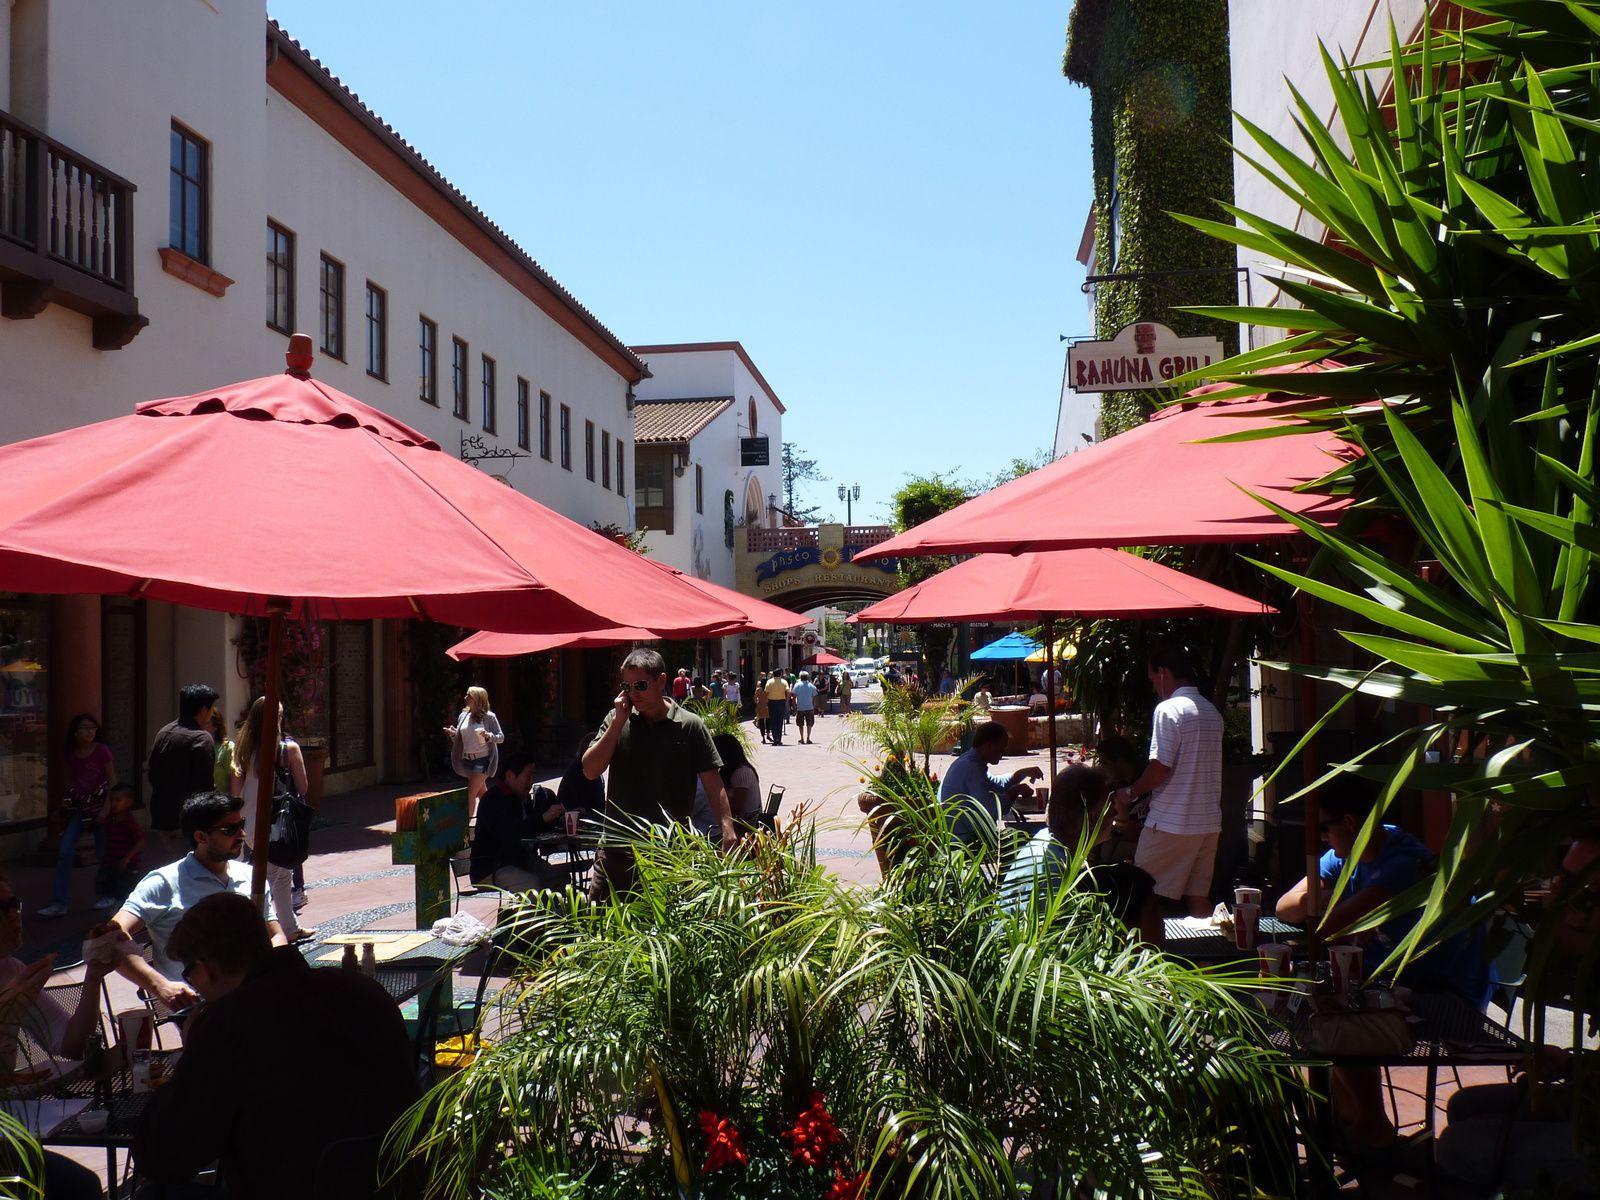 Santa Barbara représente le paradis californien par excellence, avec du soleil presque toute l'année. Plages superbes et batiments de style hispanique font de cette ville une destination touristique de première ordre. Il s'agit de l'une des destinations préférées des californiens.